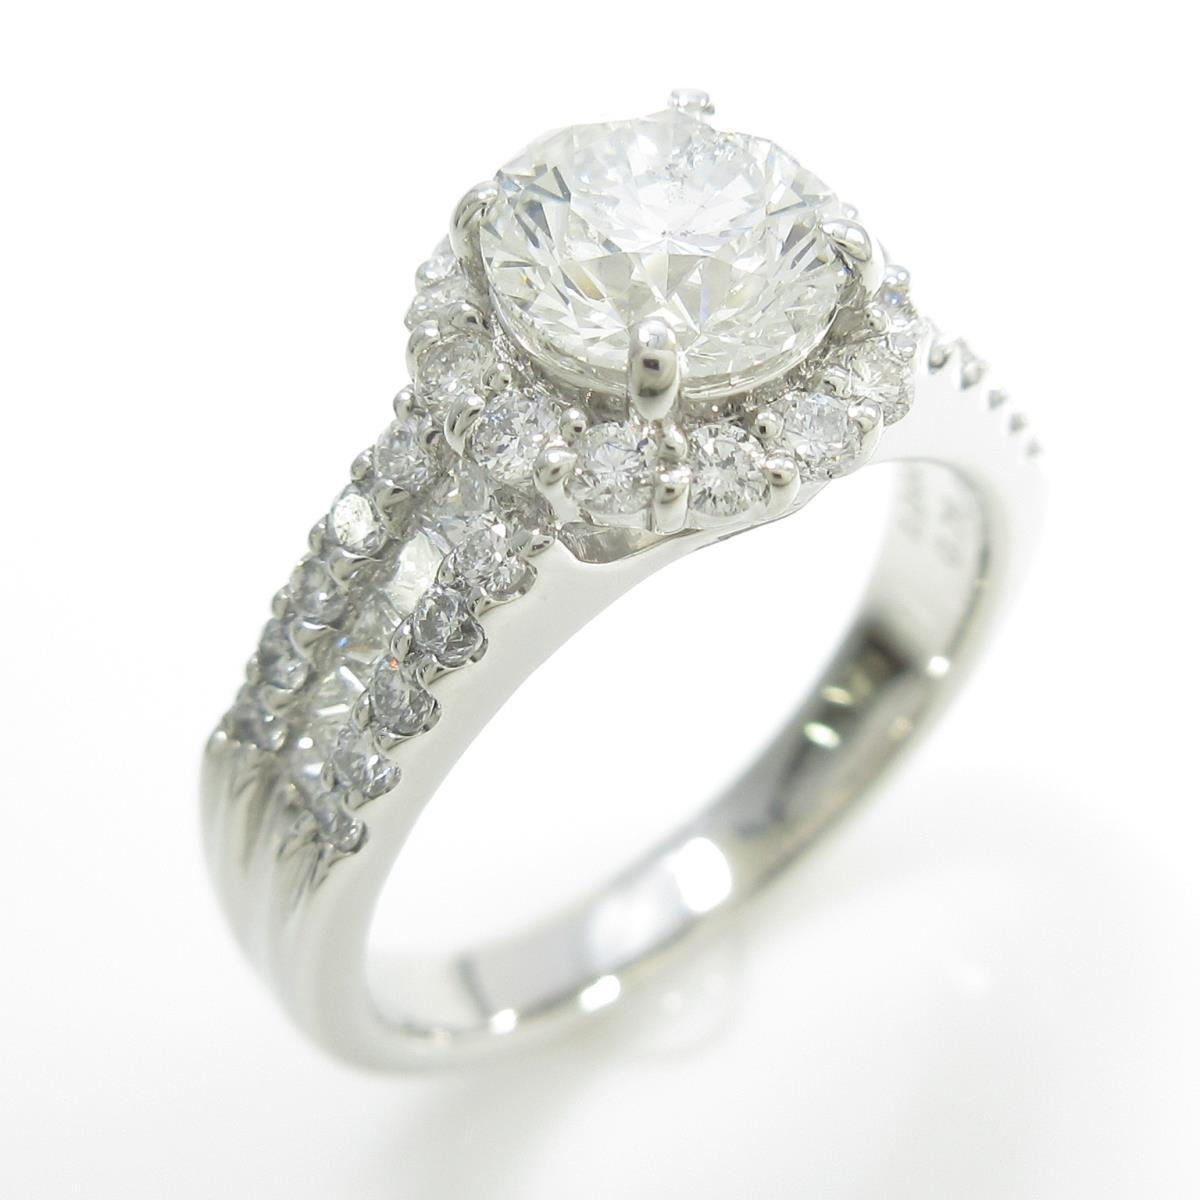 プラチナダイヤモンドリング 1.063ct・H・SI2・GOOD【中古】